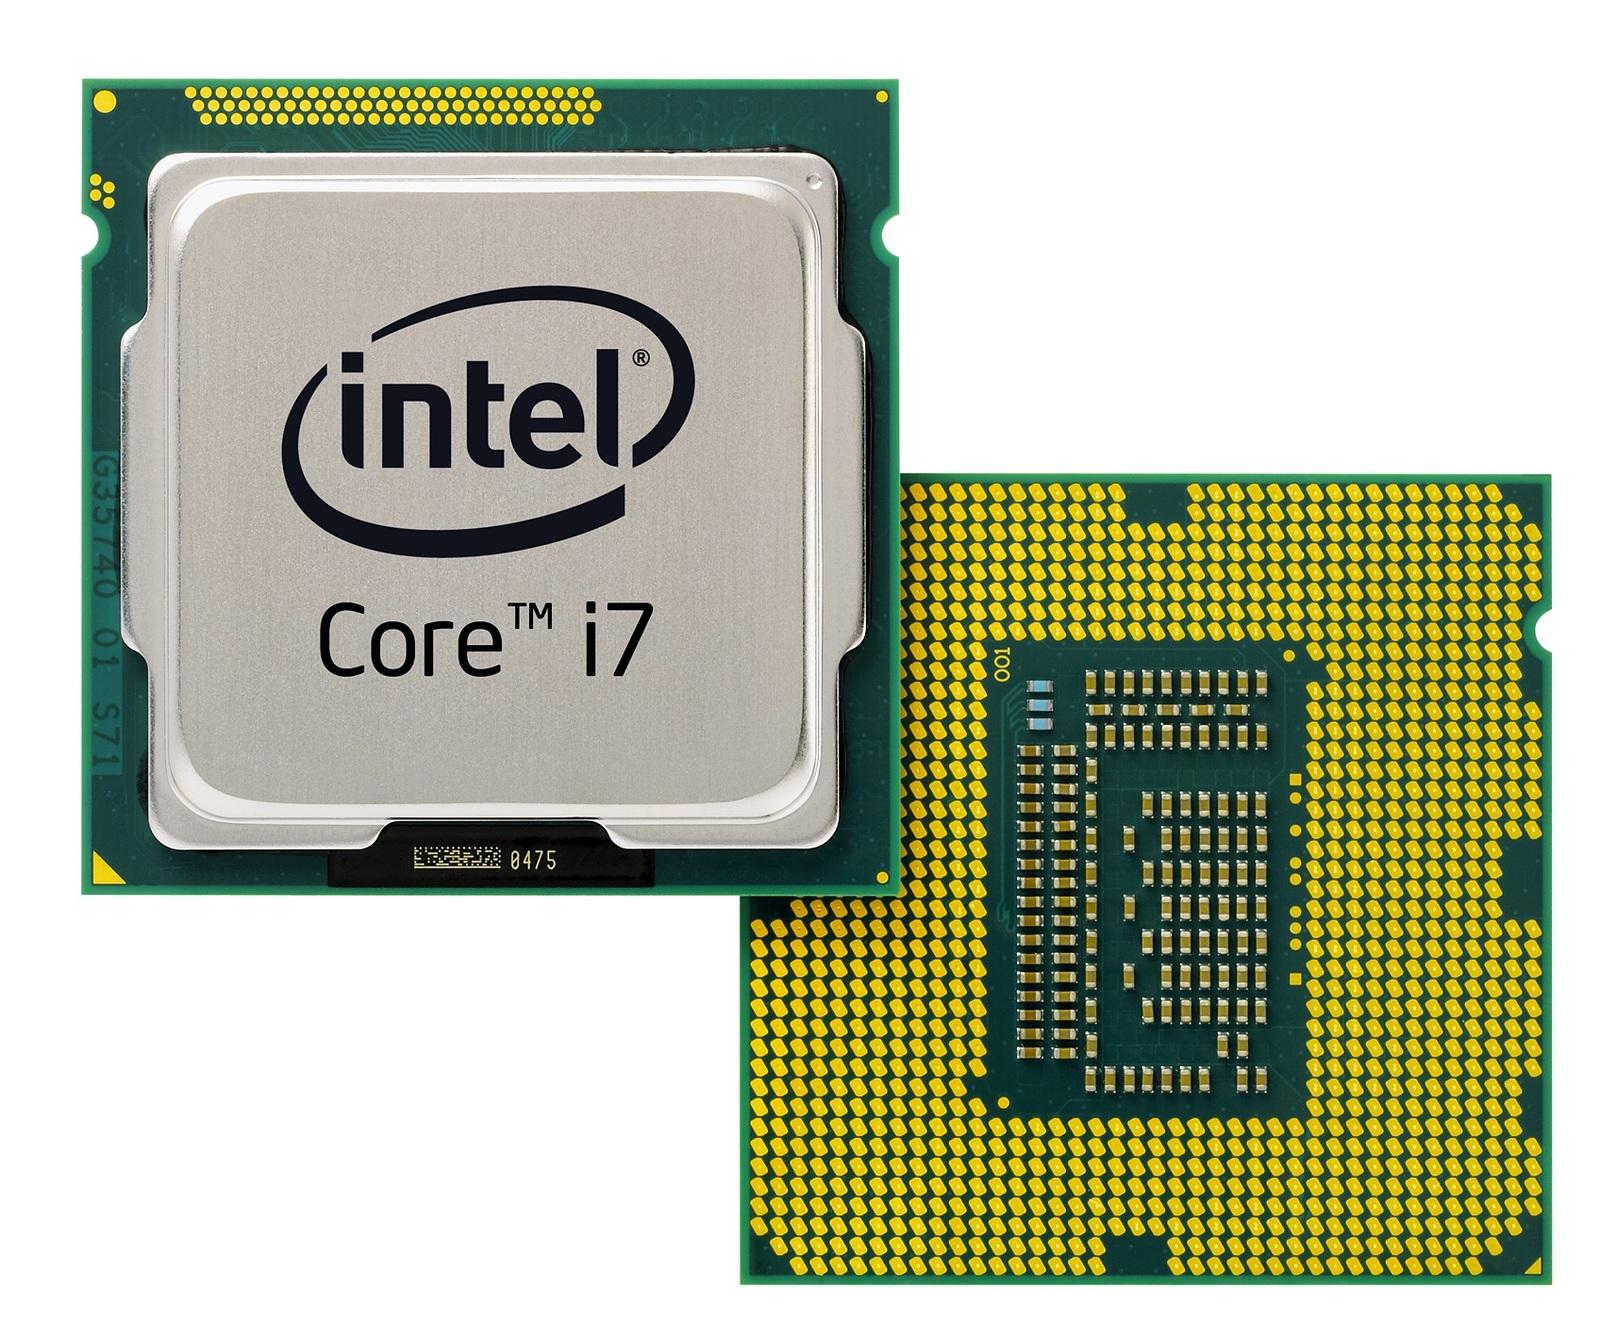 Разбираемся, что такое процессор